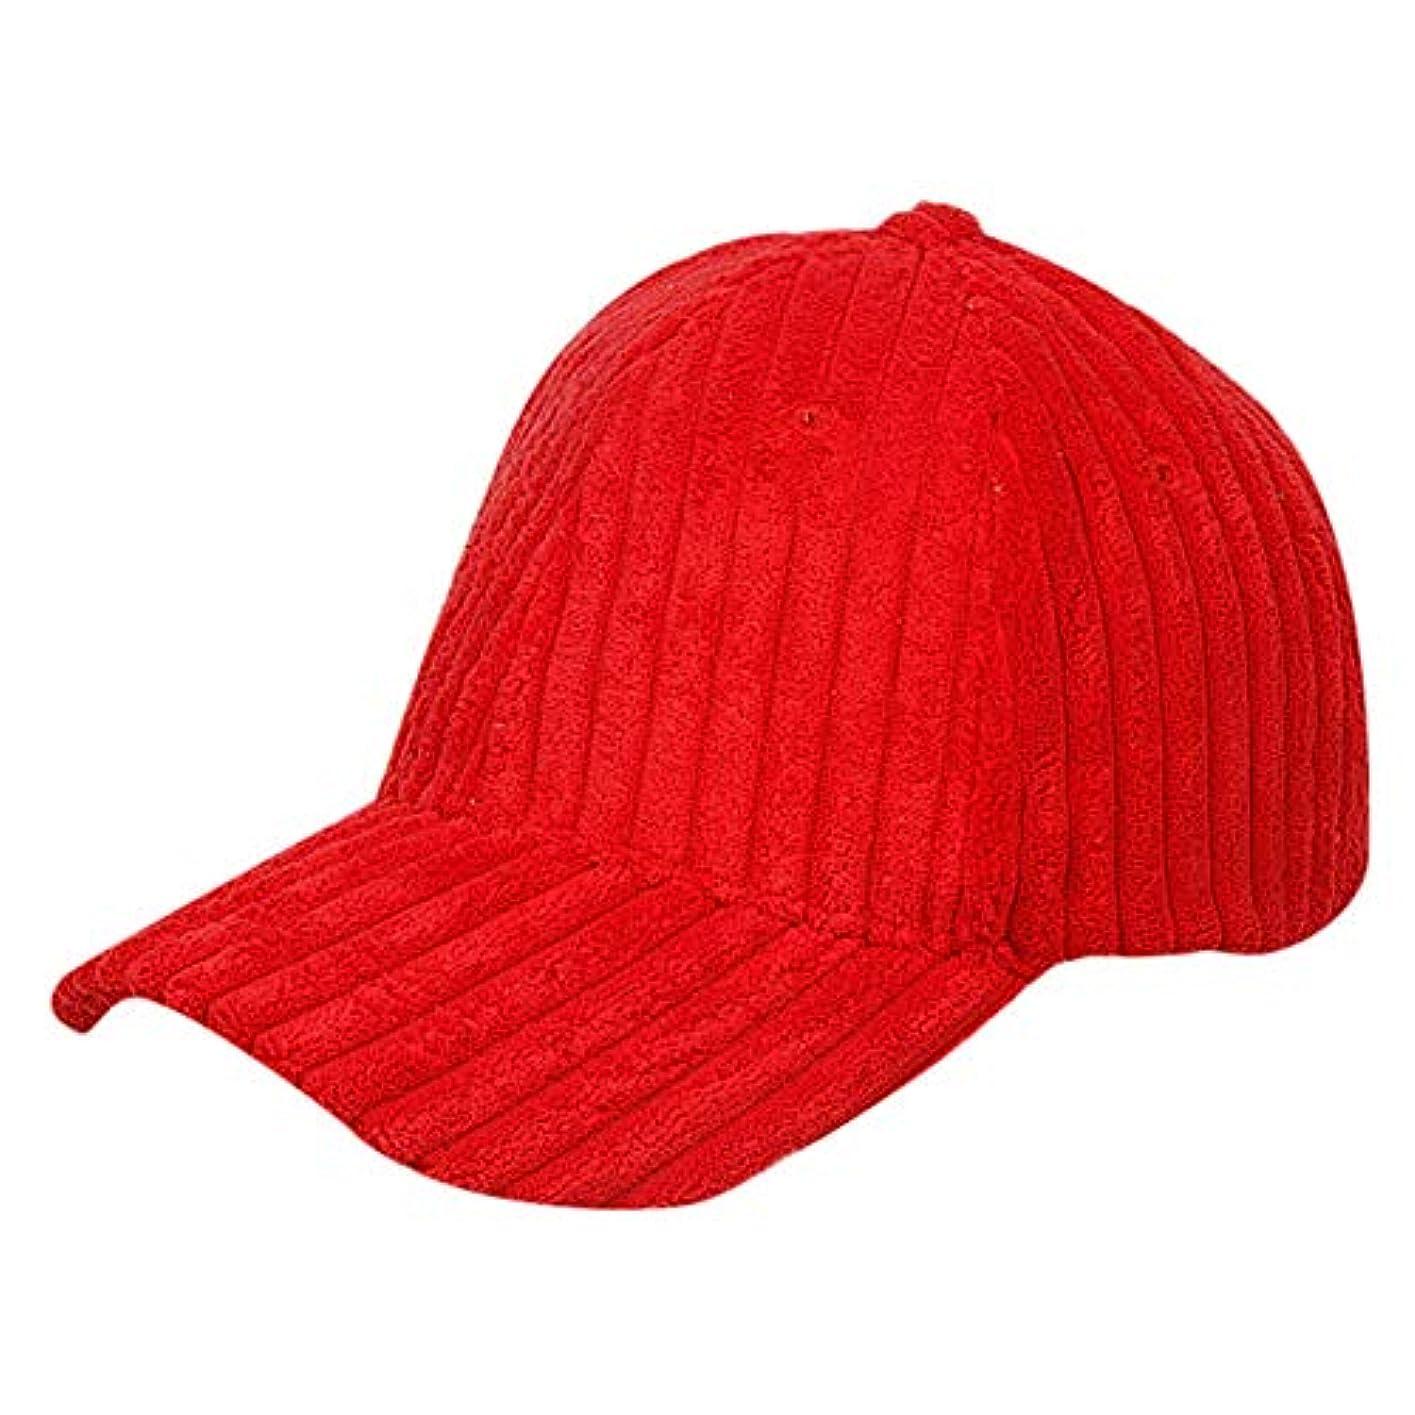 デッキ明日製作Racazing Cap コーデュロイ 野球帽 迷彩 冬 登山 通気性のある メッシュ 帽子 ベルクロ 可調整可能 ストライプ 刺繍 棒球帽 UV 帽子 軽量 屋外 Unisex Hat (赤)